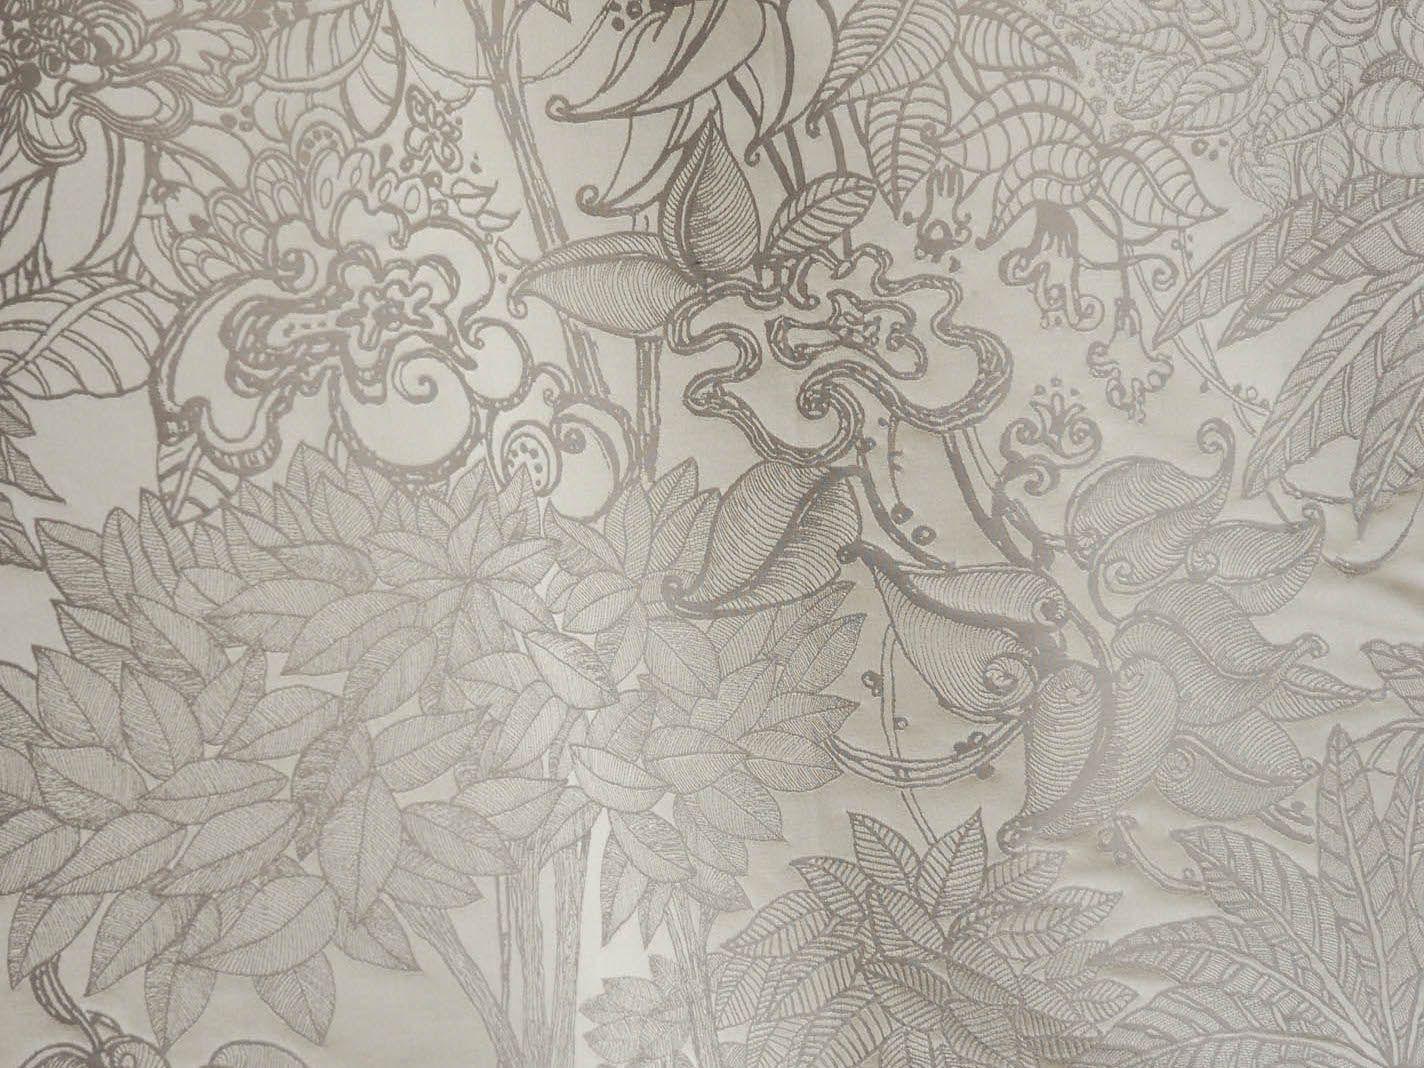 tissu damass en coton motif floral jardin d 39 eden. Black Bedroom Furniture Sets. Home Design Ideas